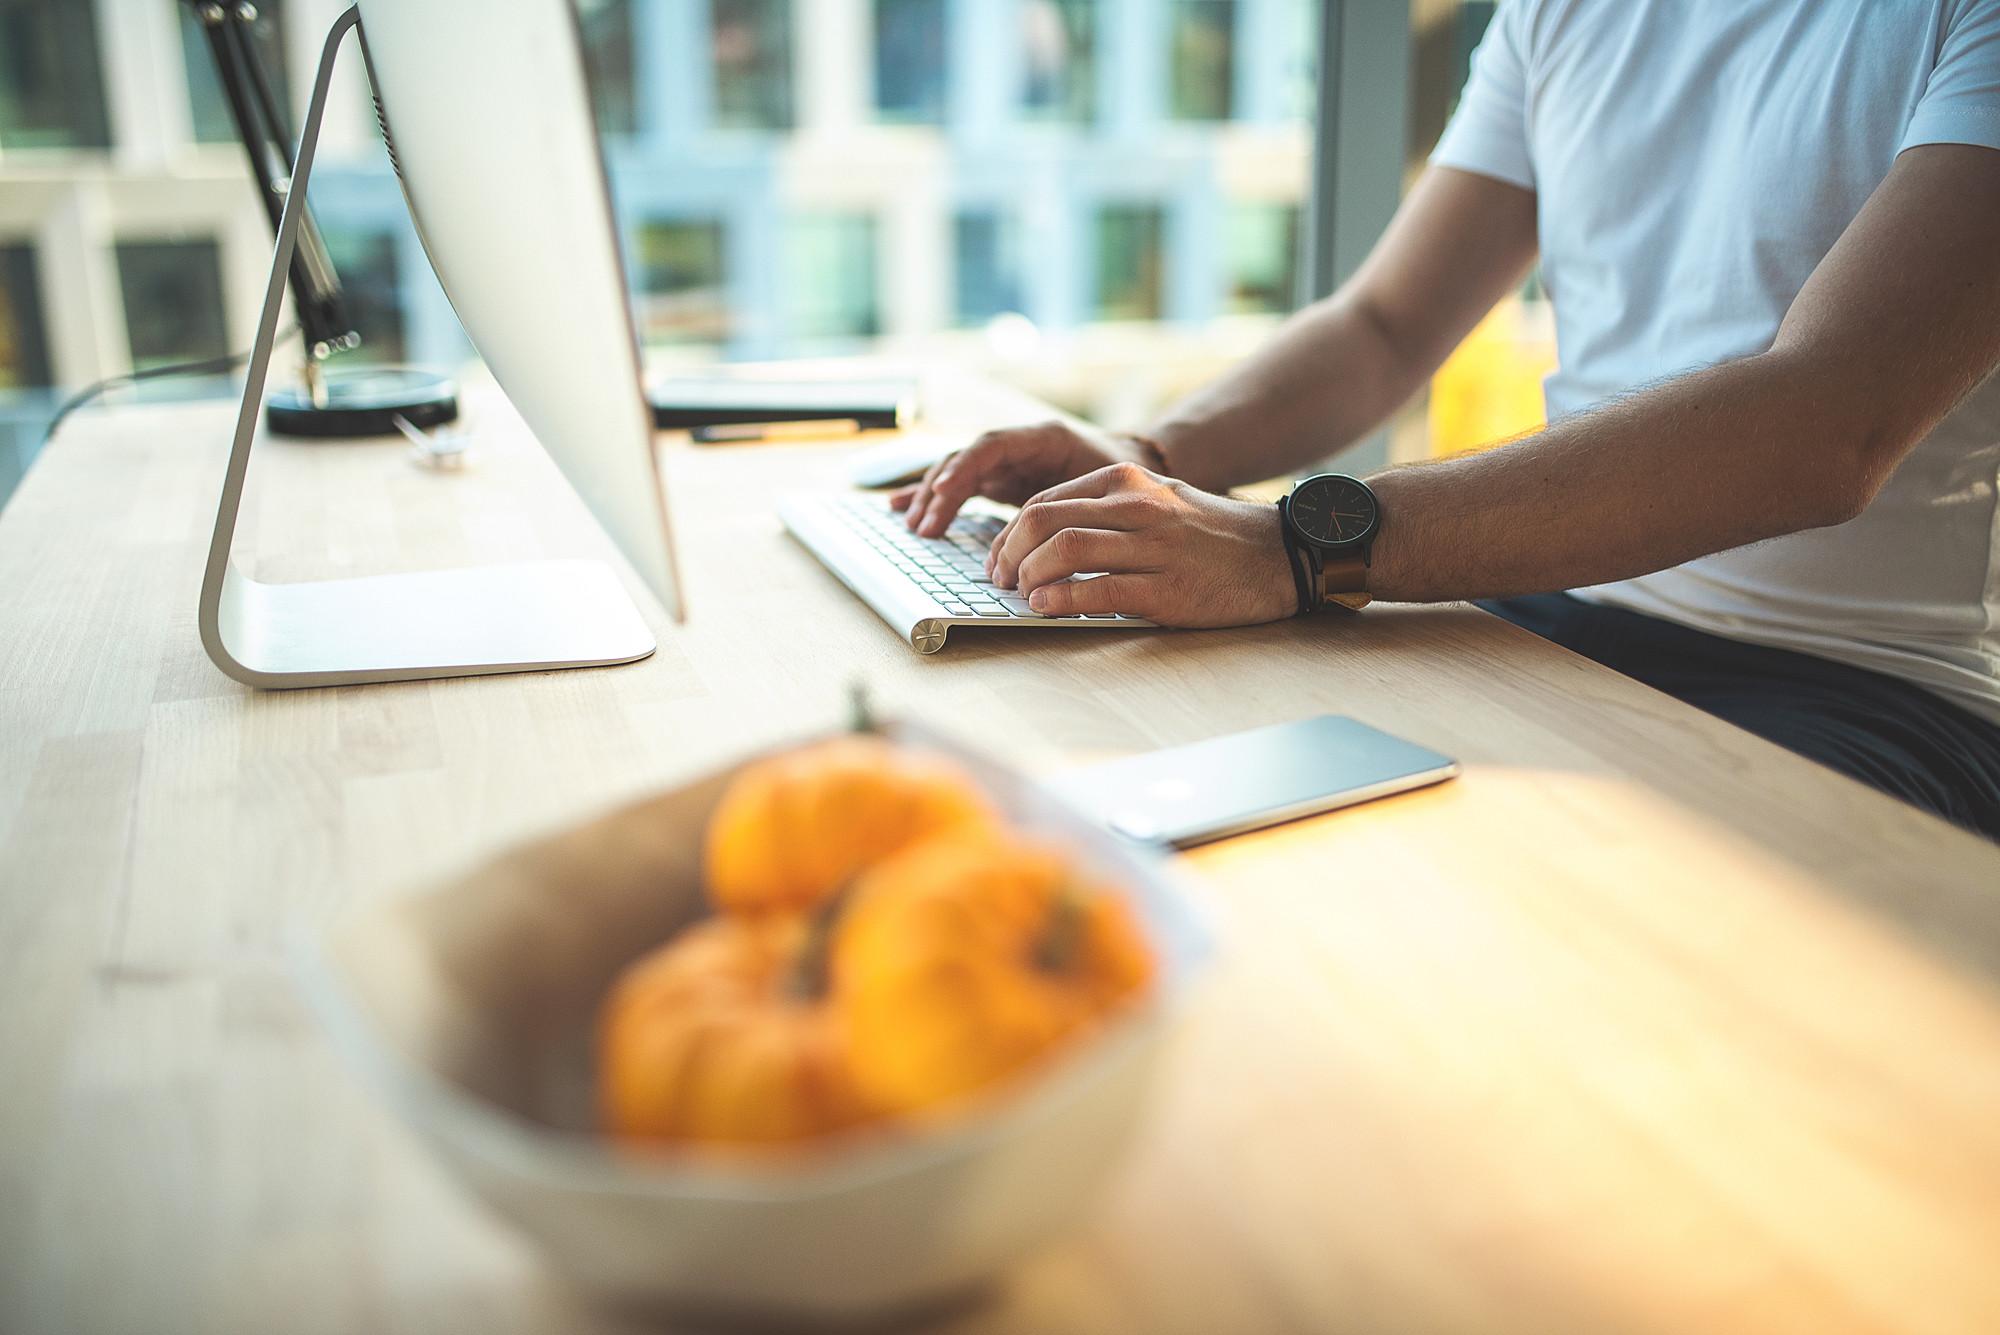 Mann schreibt auf einer Tastatur